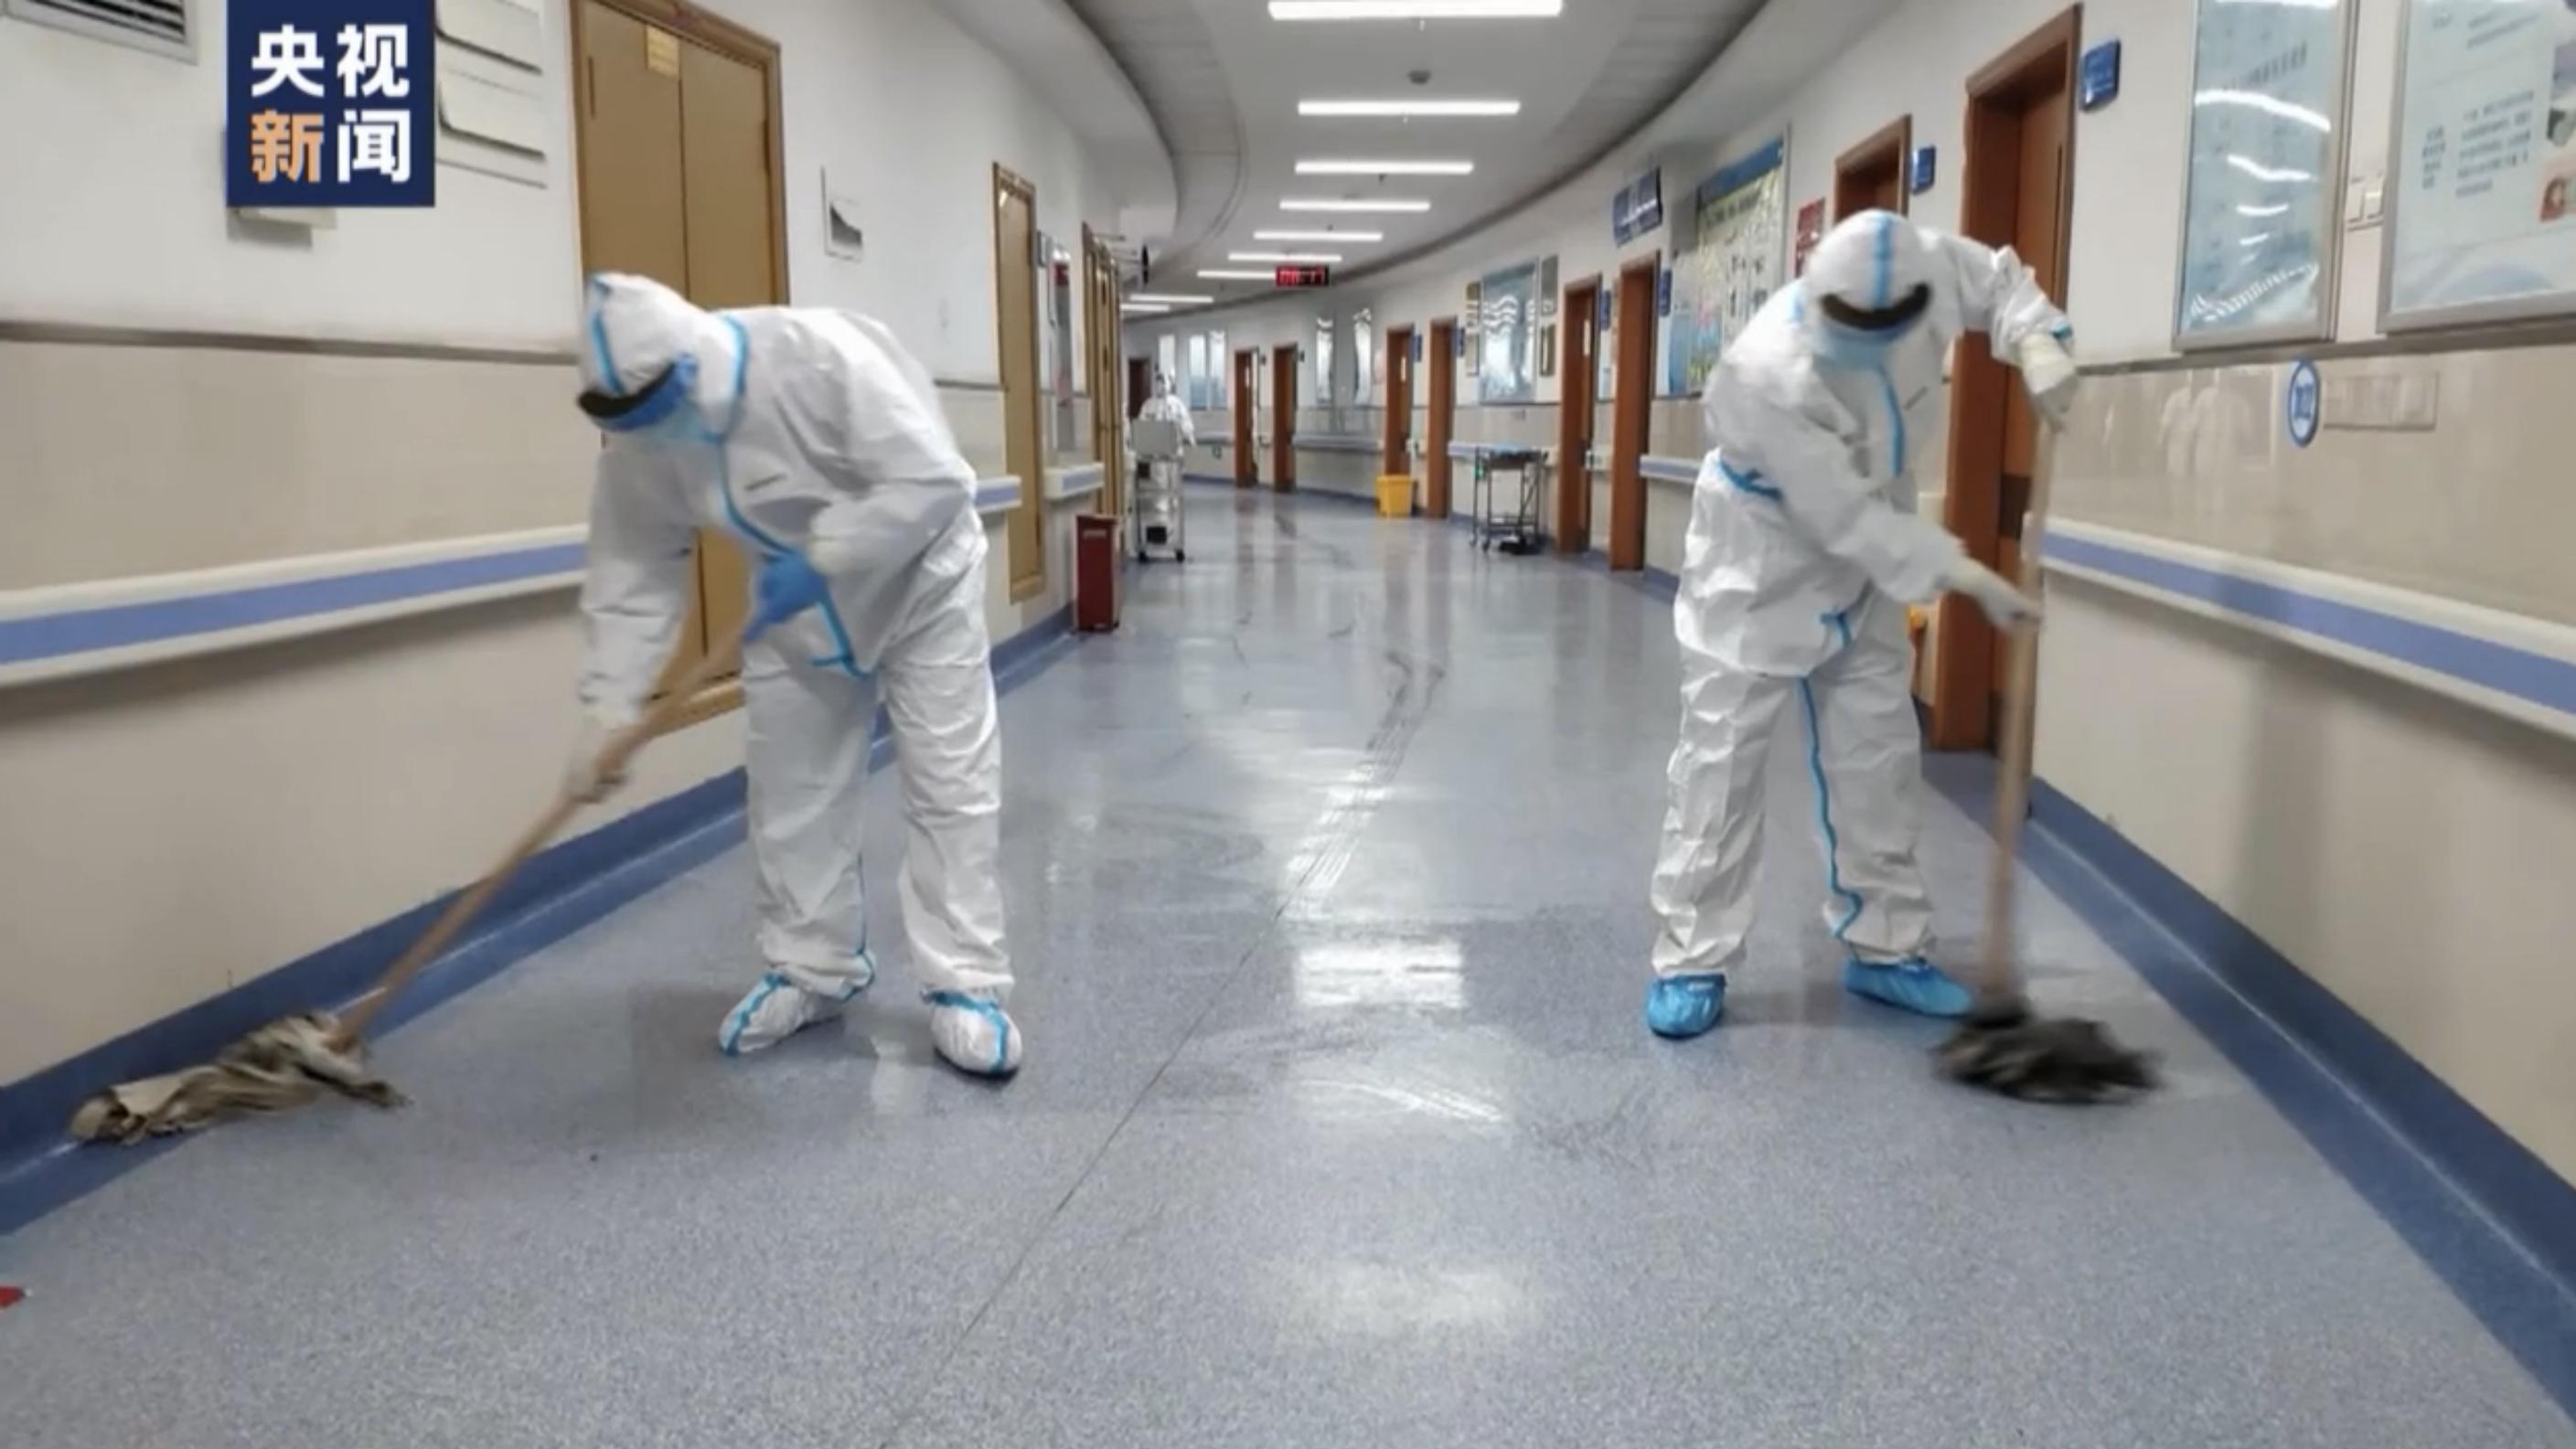 عامل النظافة  في المستشفى ..  إهمال قاس على حياته من يحميه  من  خطر كورونا ؟